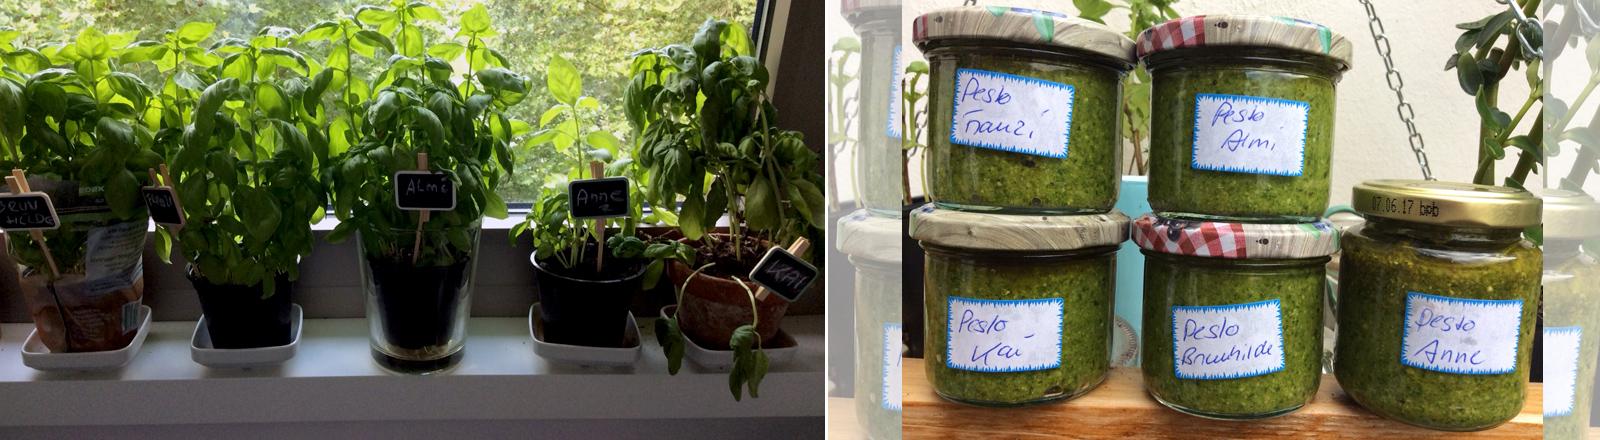 Der Basilikum-Test von Almuth mit dem Endprodukt Pesto